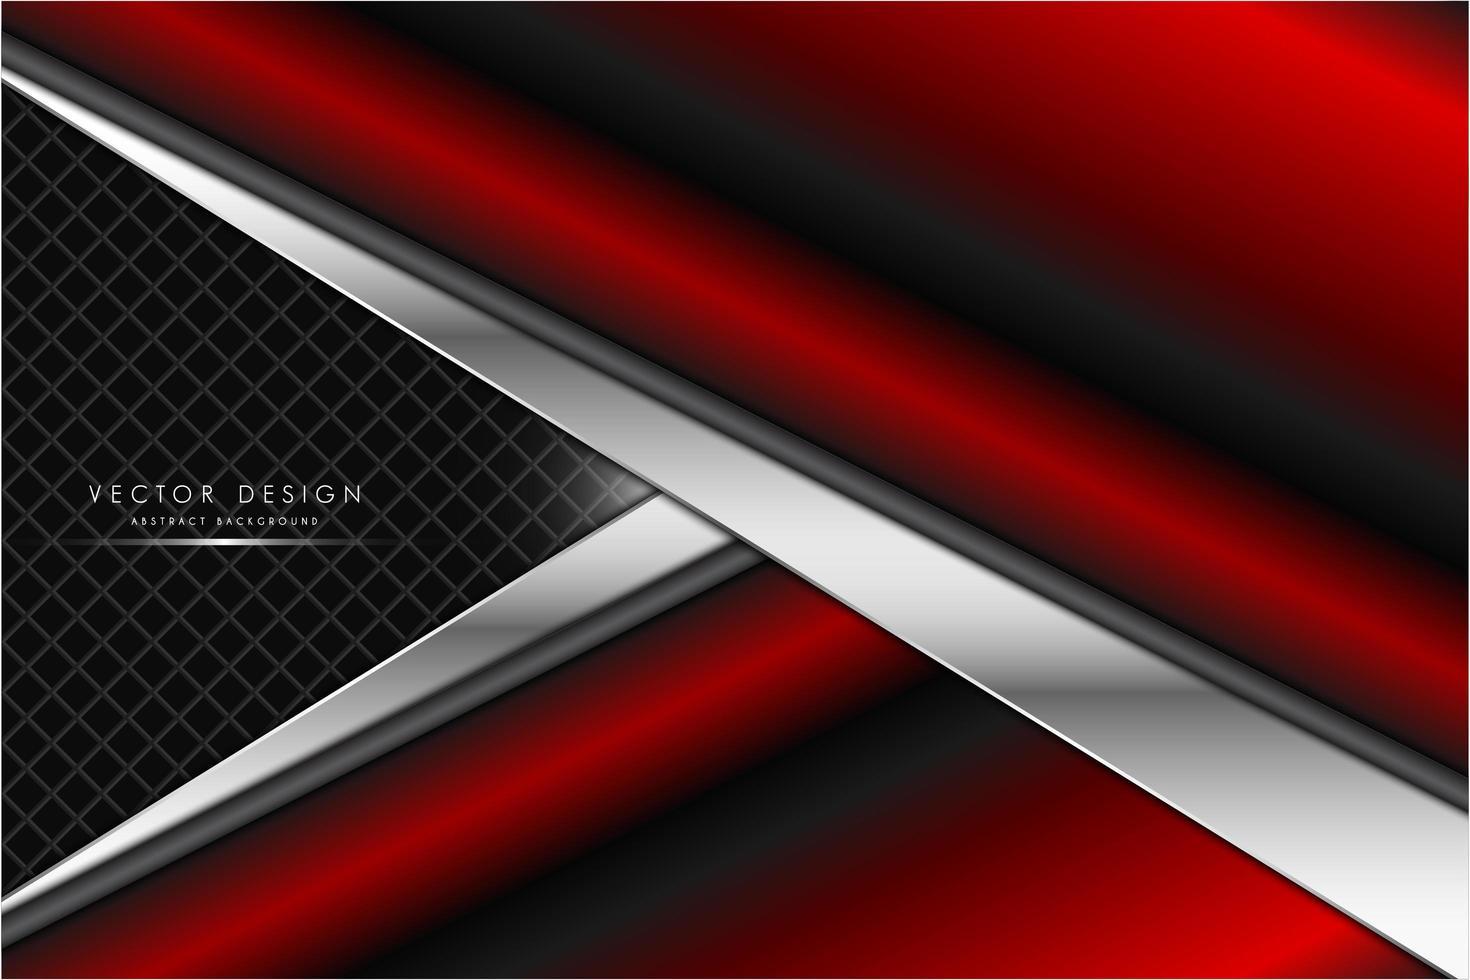 Textura metálica roja y plateada en forma de flecha. vector